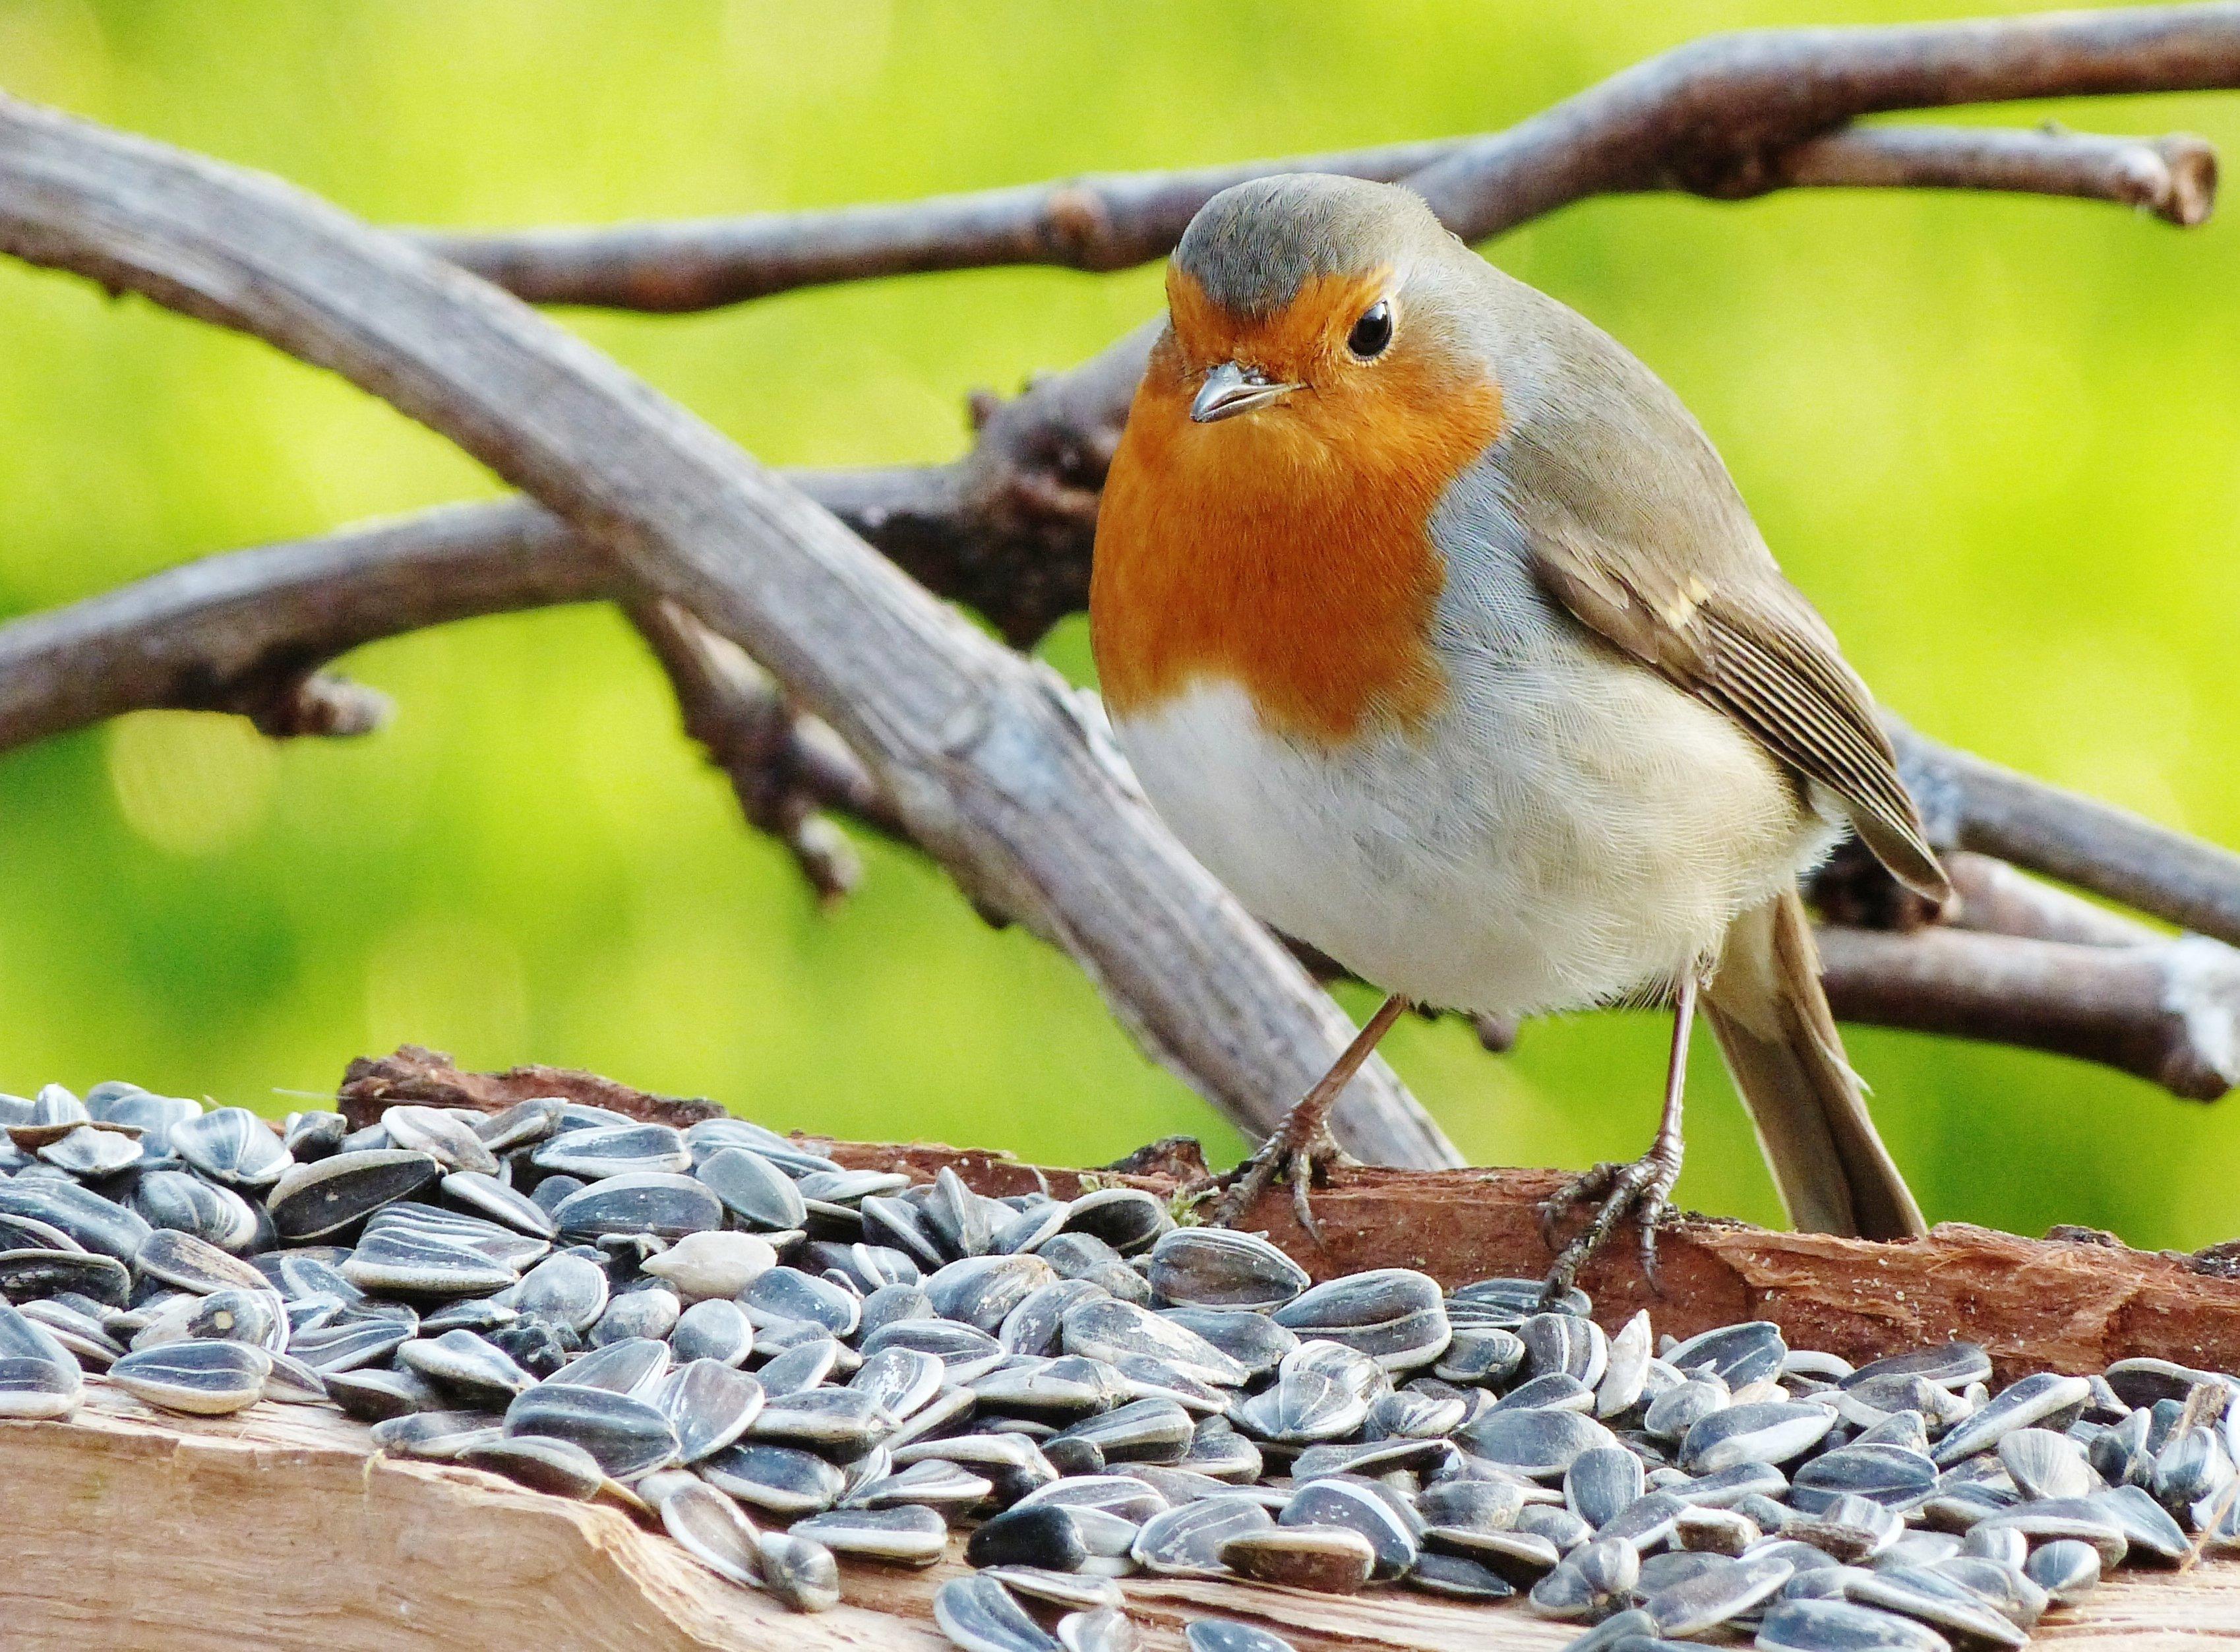 Rouge gorge dans oiseaux de parcs ou jardins 8 1024x755 for Oiseaux des jardins